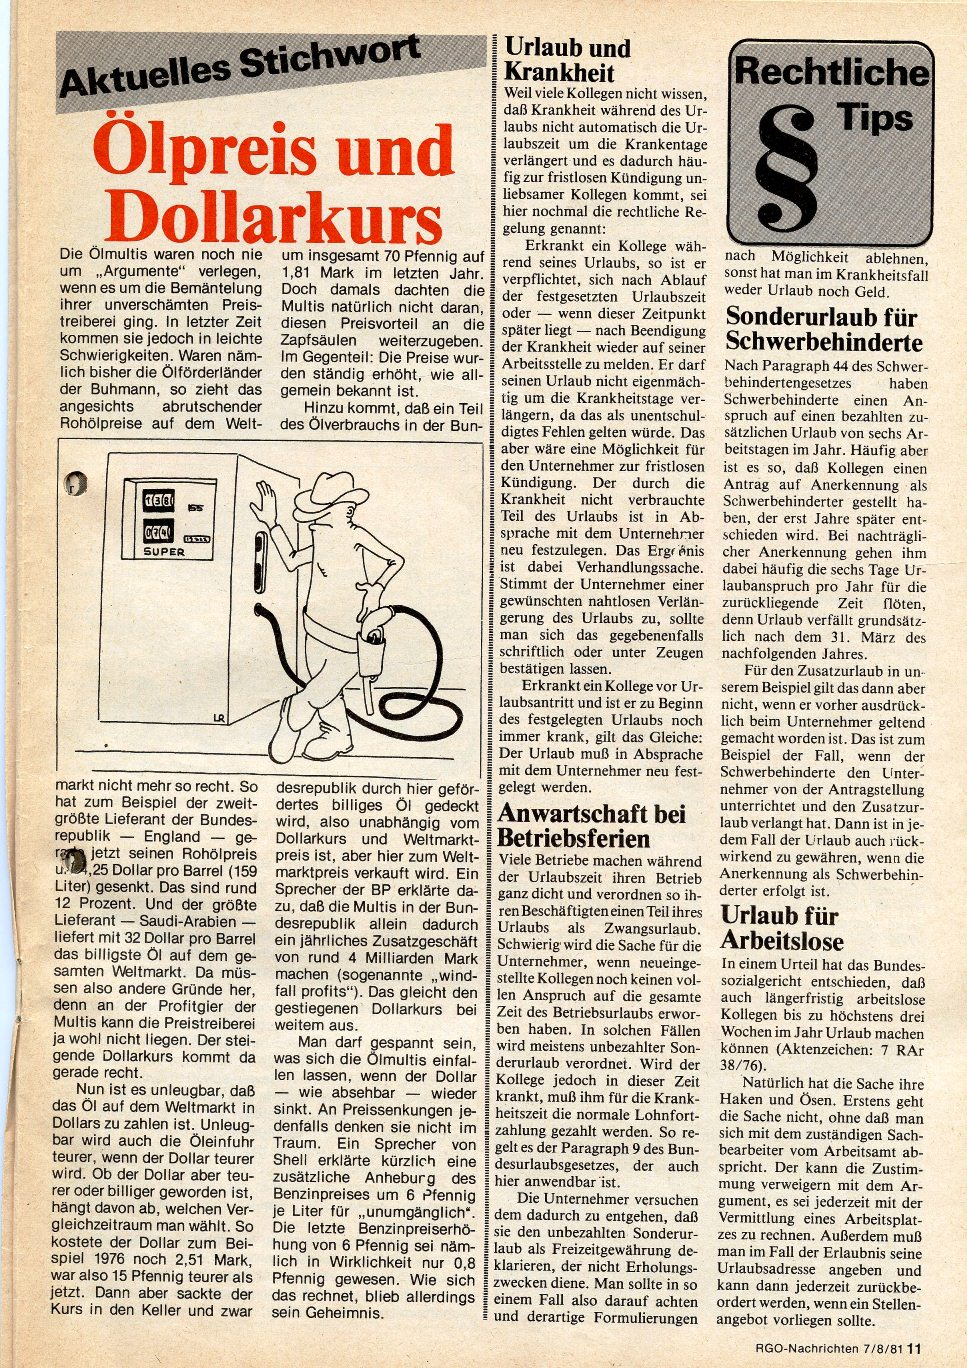 RGO_RGO_Nachrichten_1981_07_08_11